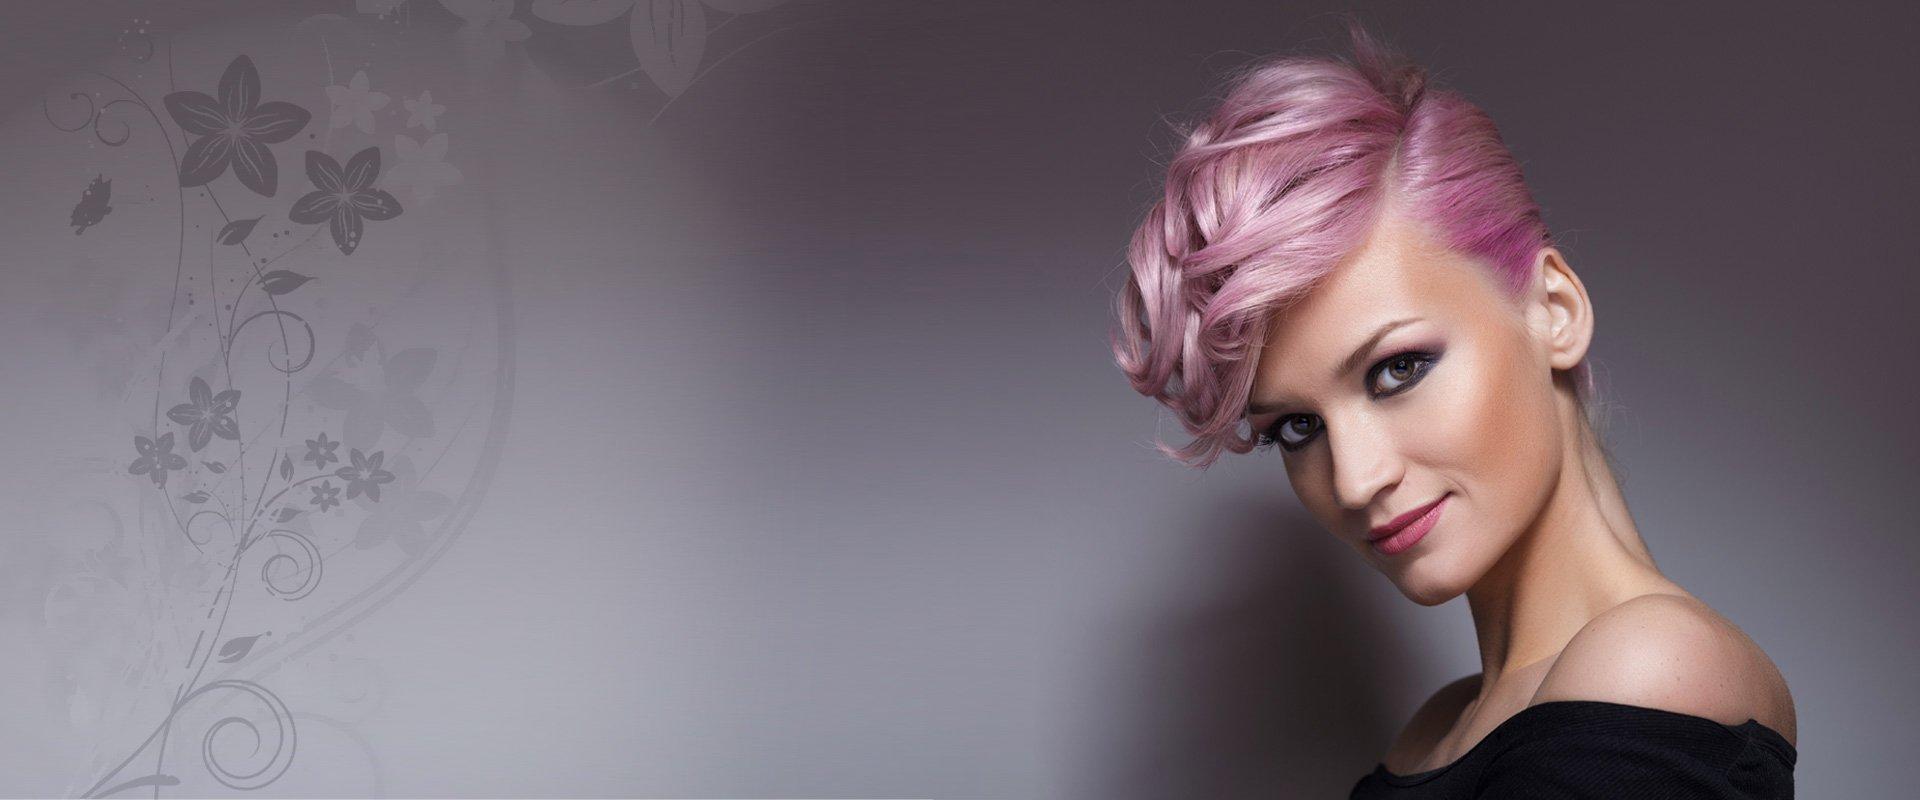 Established hair salon in glasgow pelo hair for Aaina beauty salon glasgow